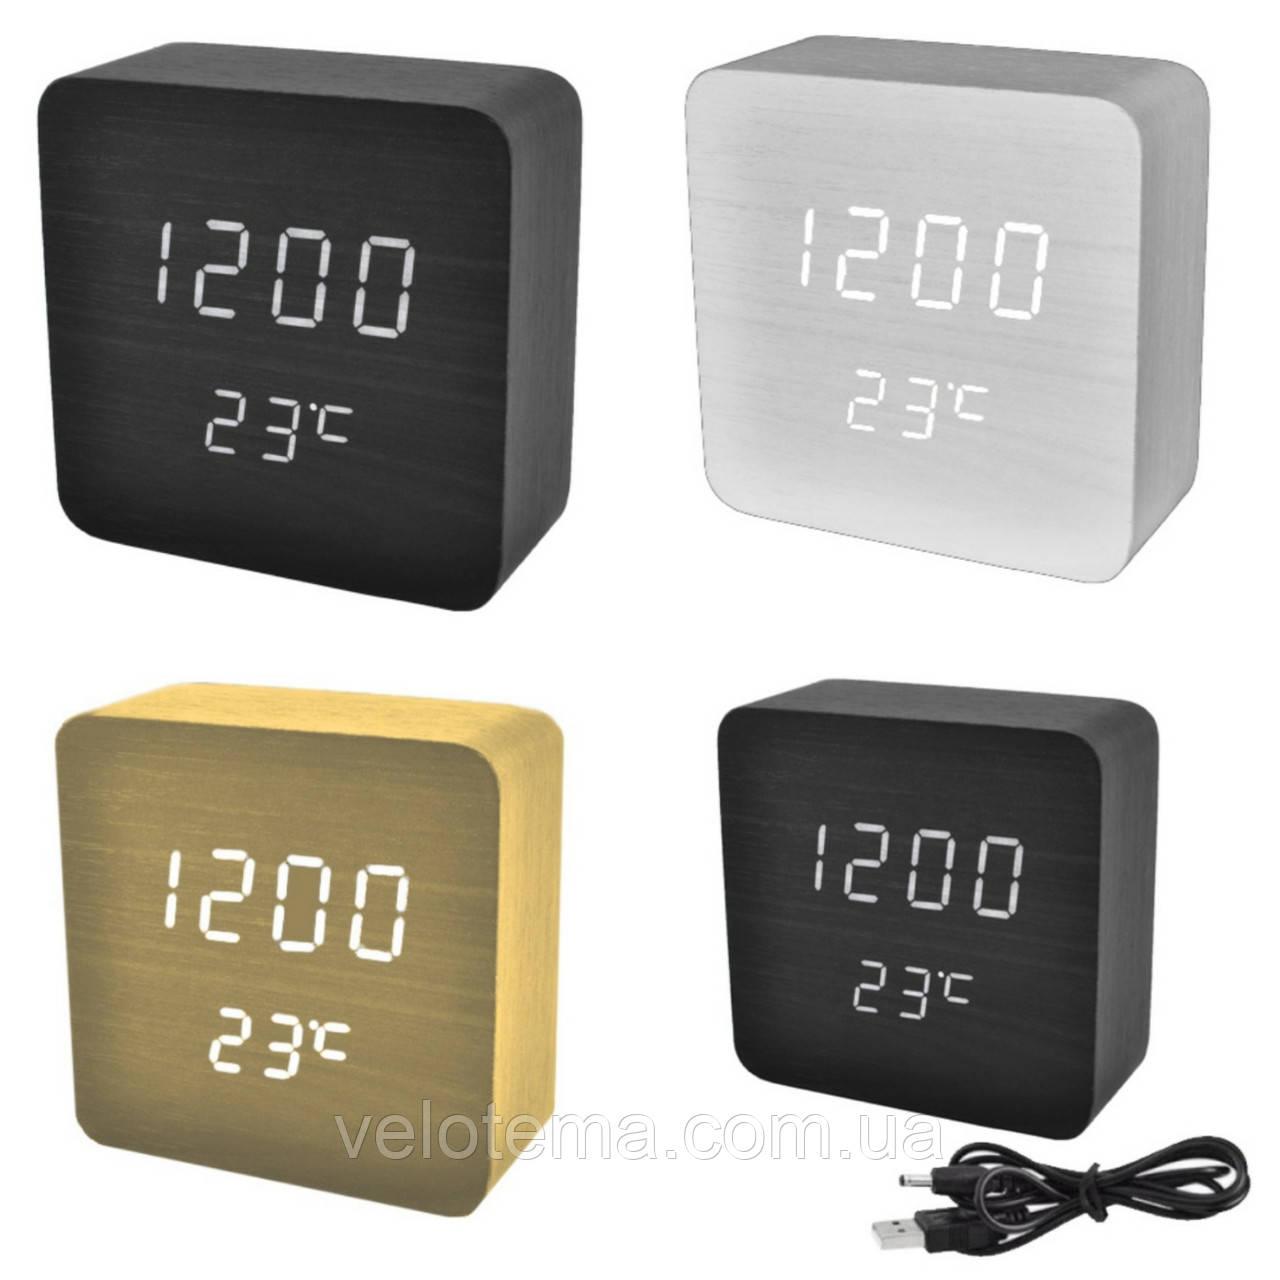 Часы сетевые 872-6 USB